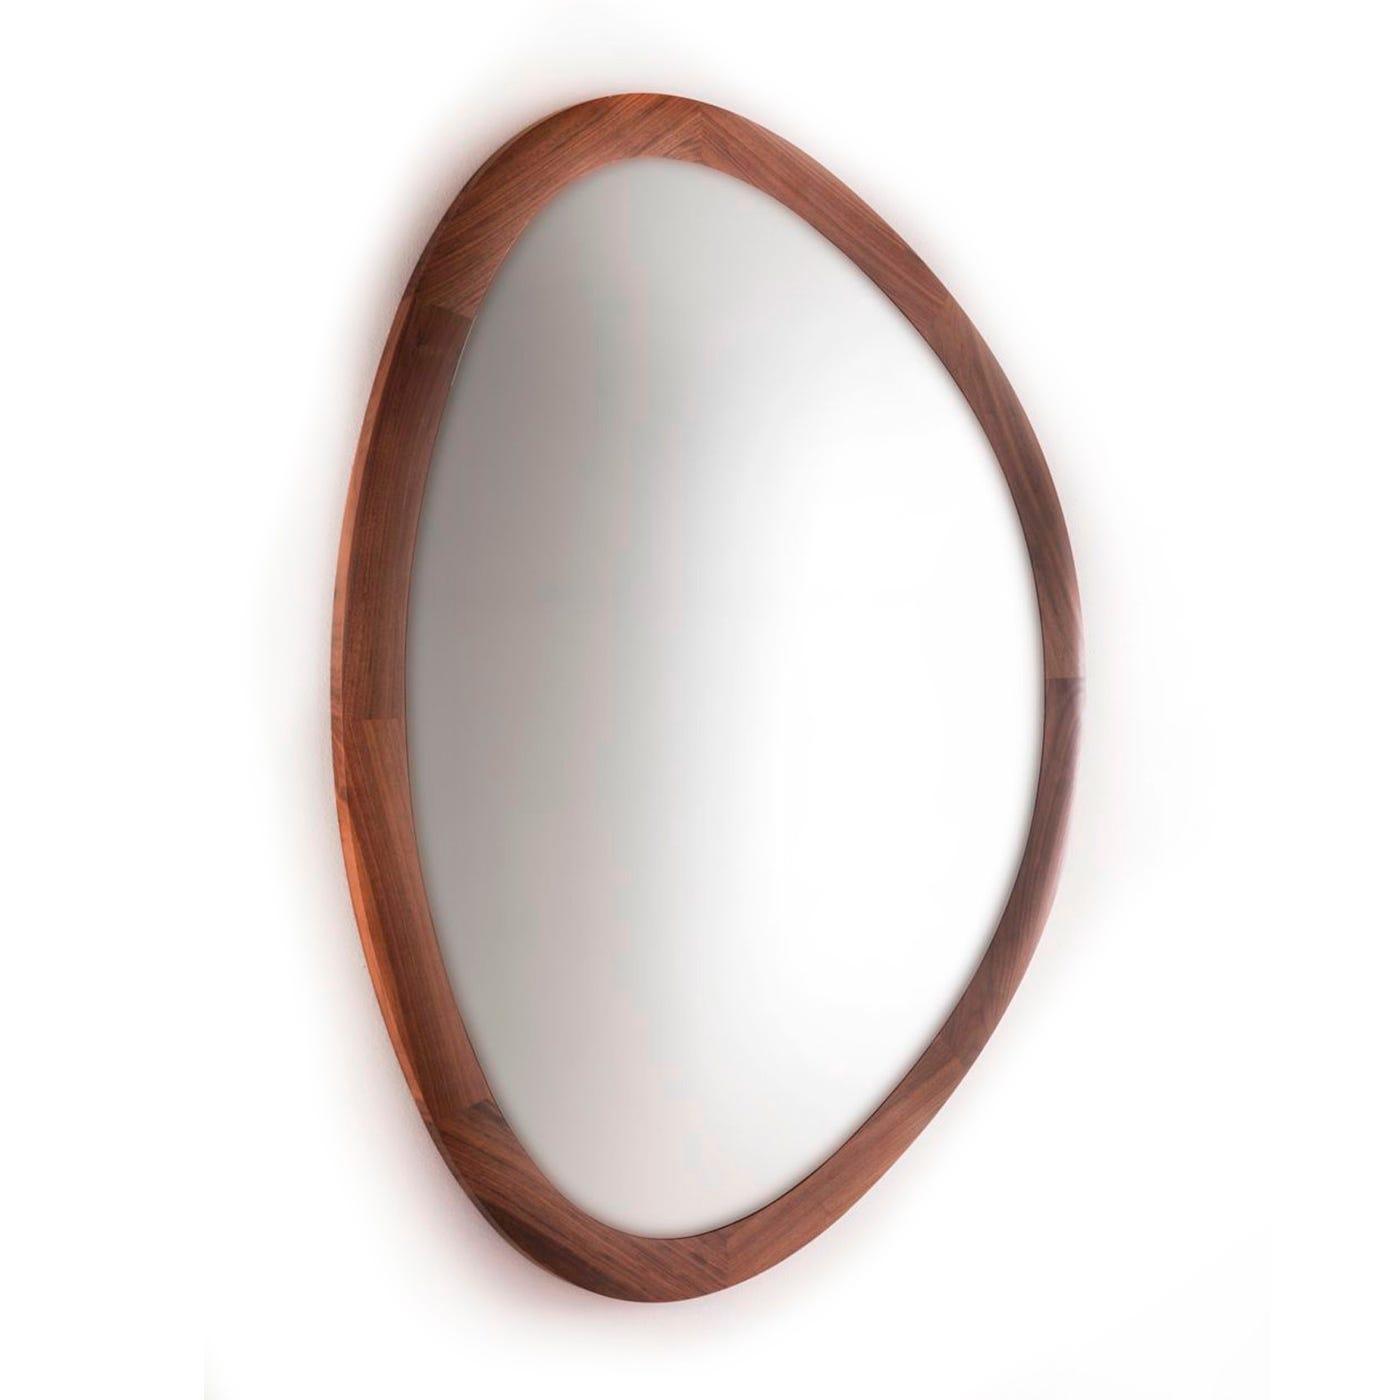 Heal's Dali Walnut Wall Mirror